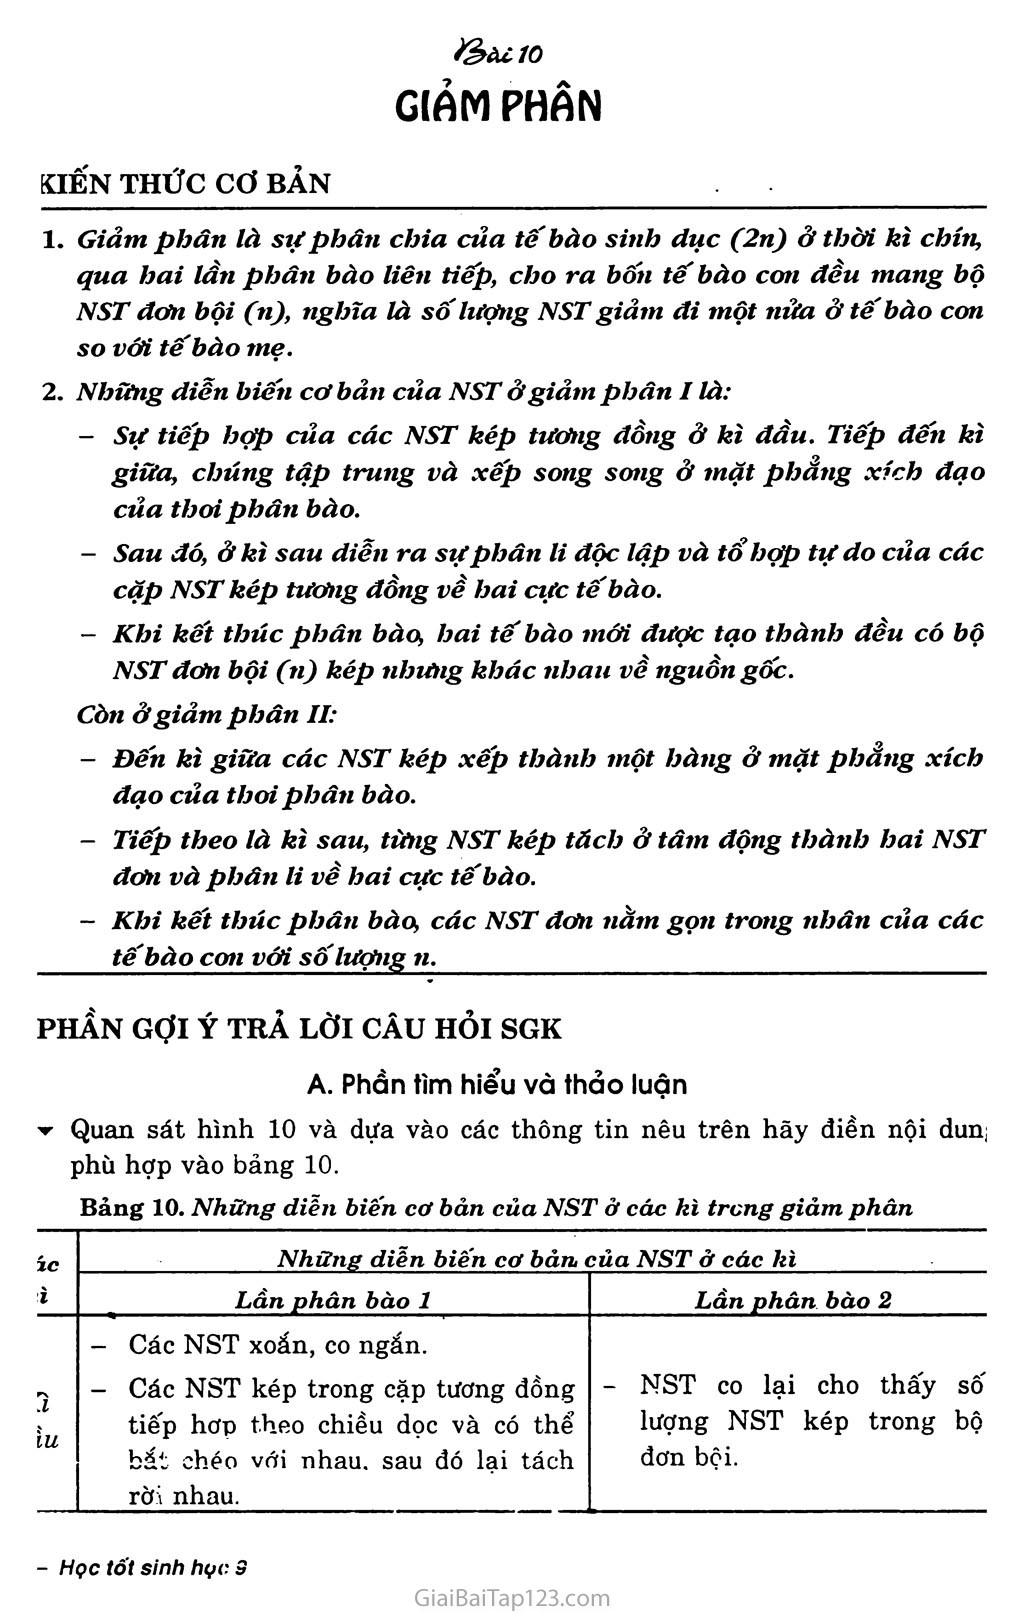 Bài 10. Giảm phân trang 1